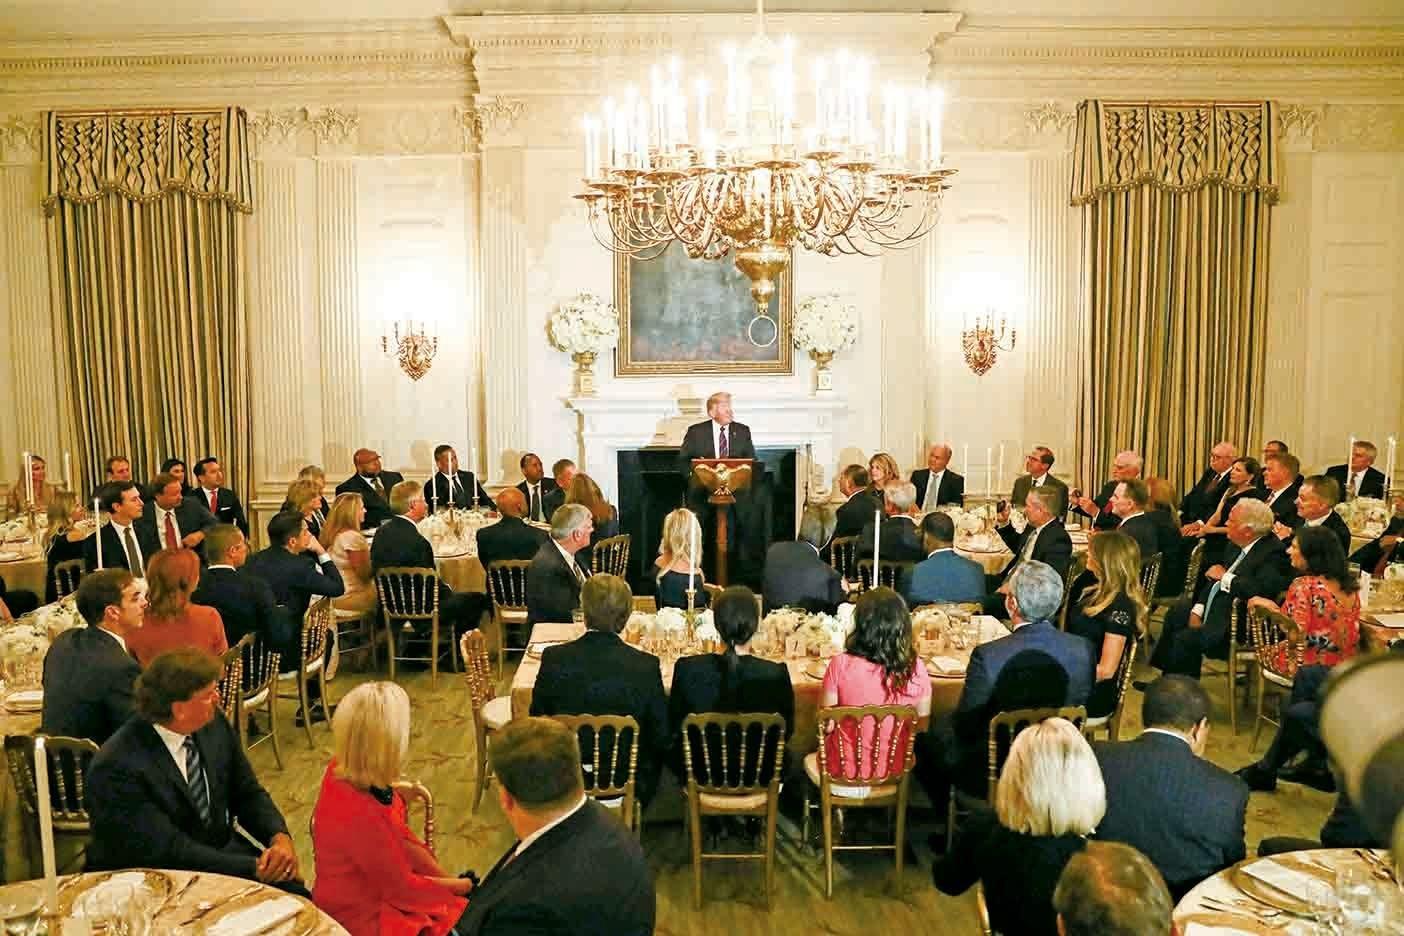 8月27日晚上,美國特朗普總統在白宮國家宴會廳,歡迎來自全國各地的牧師和宗教領袖,表示支持宗教信仰,並保護宗教自由。(Samira Bouaou/大紀元)